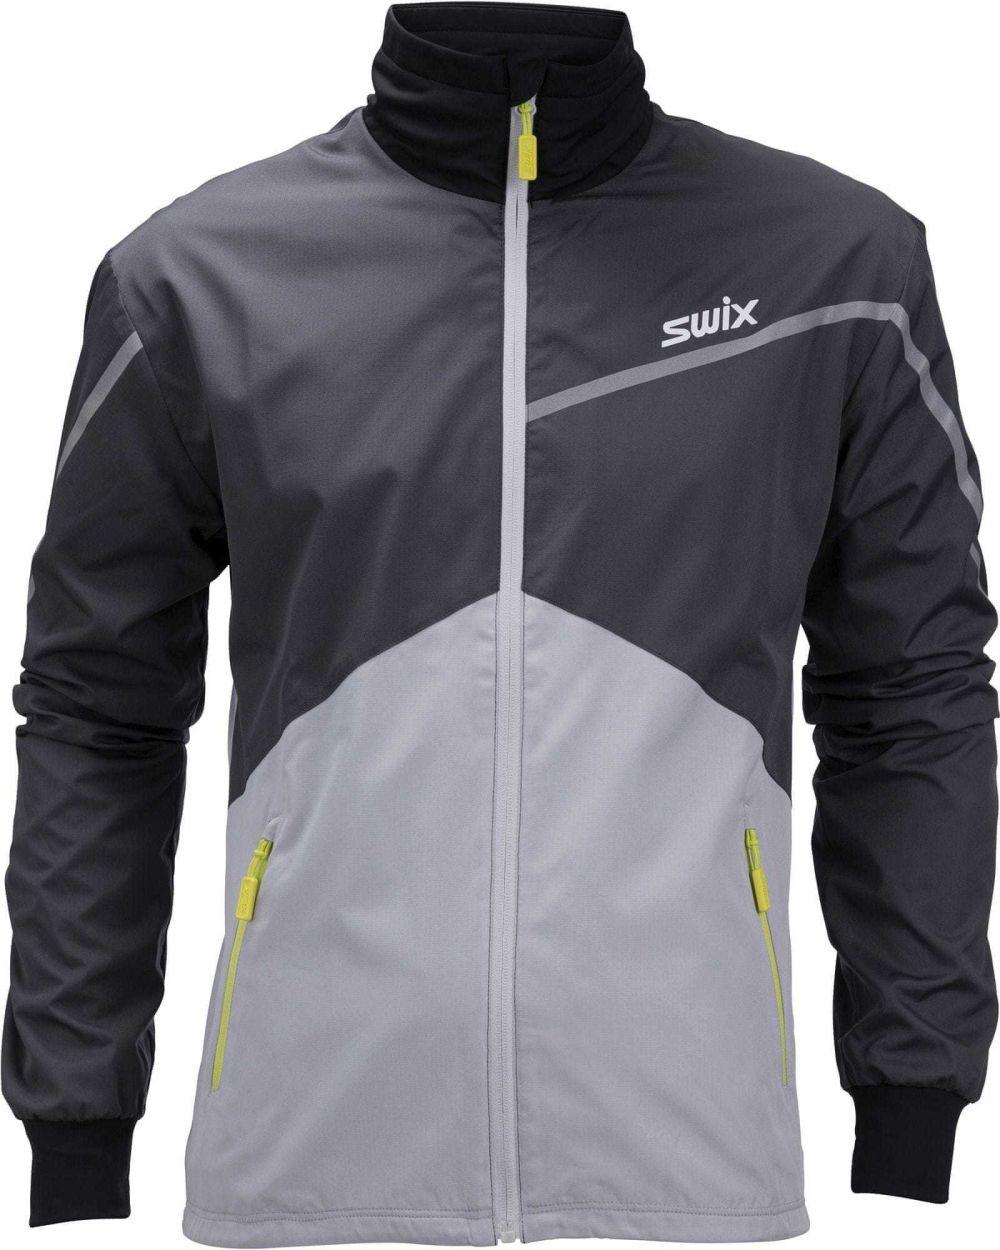 bd8f10a2337d Swix Pánska športová bunda čierna   sivá značky Swix - Lovely.sk